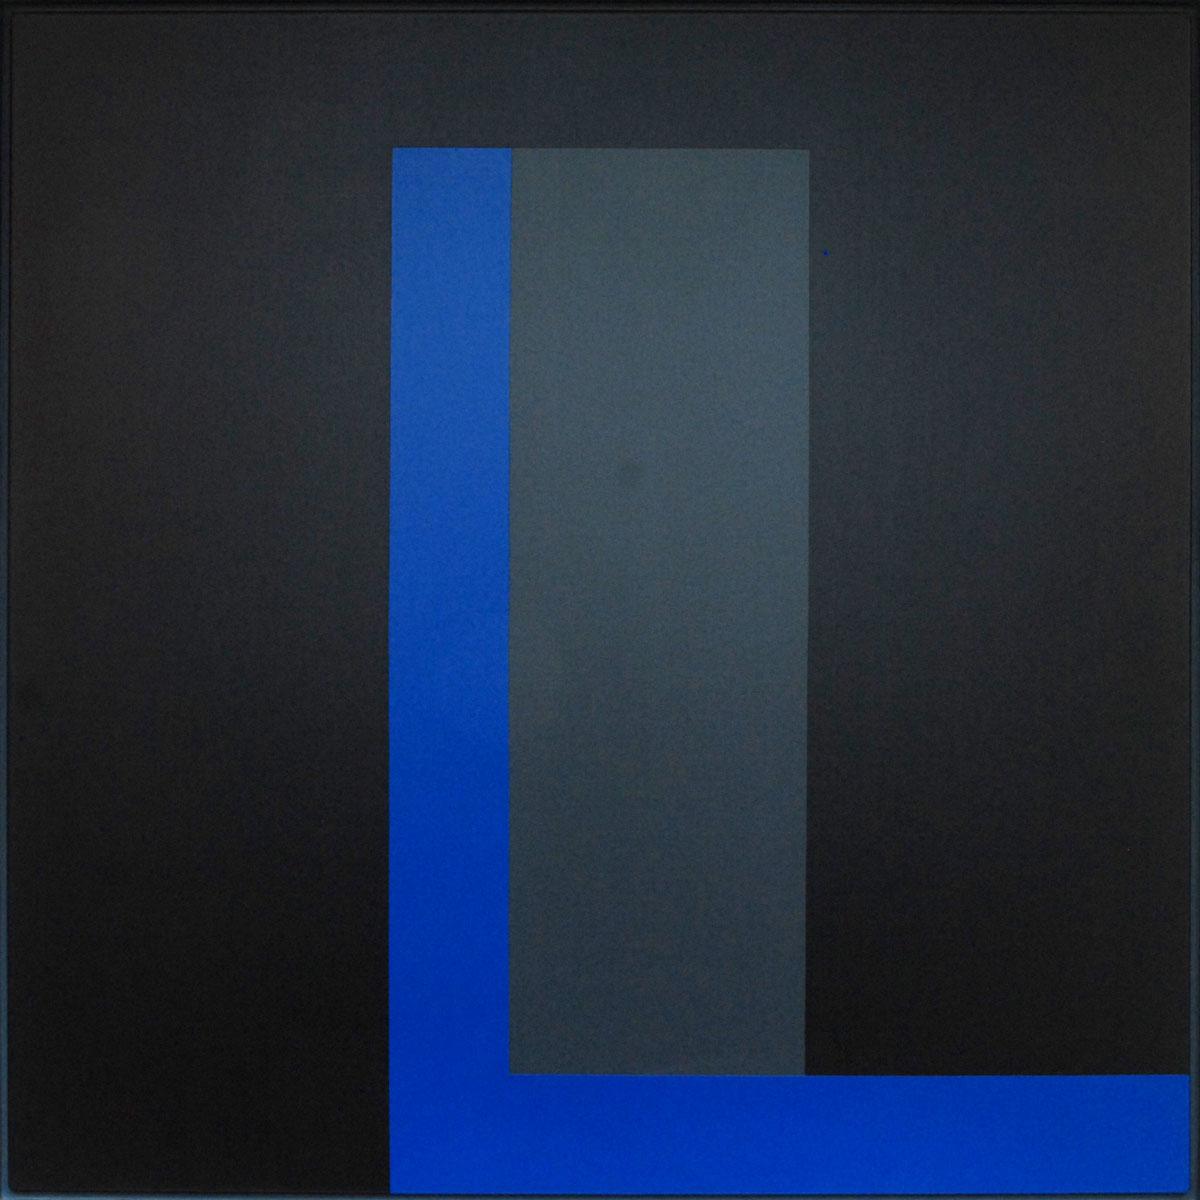 Zimmermann: Blauer Winkel, Verdichtung des Raumes 98